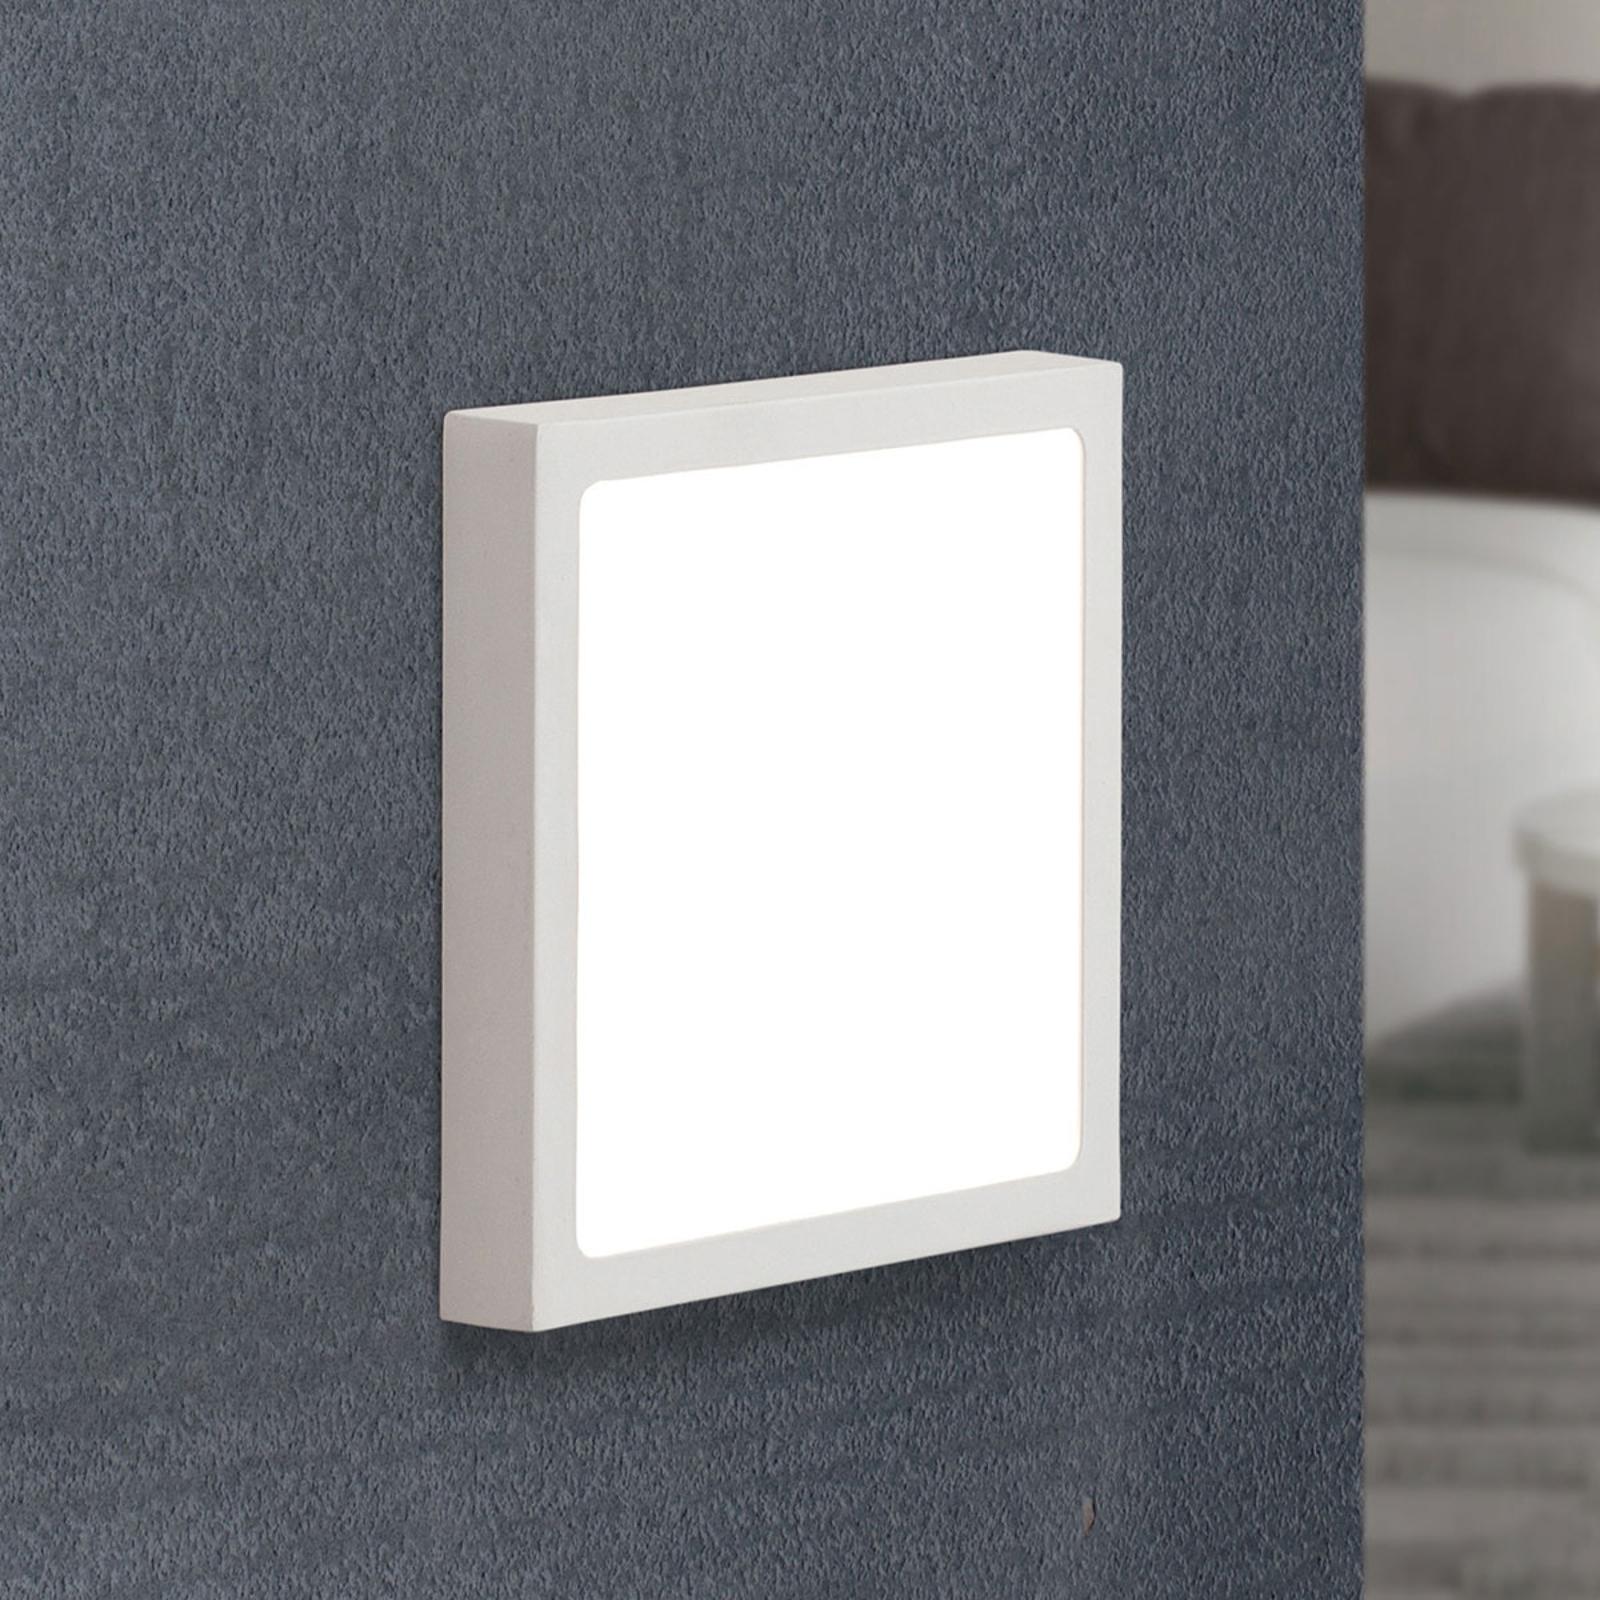 LED-seinävalaisin Vika, valkoinen, 18 x 18 cm